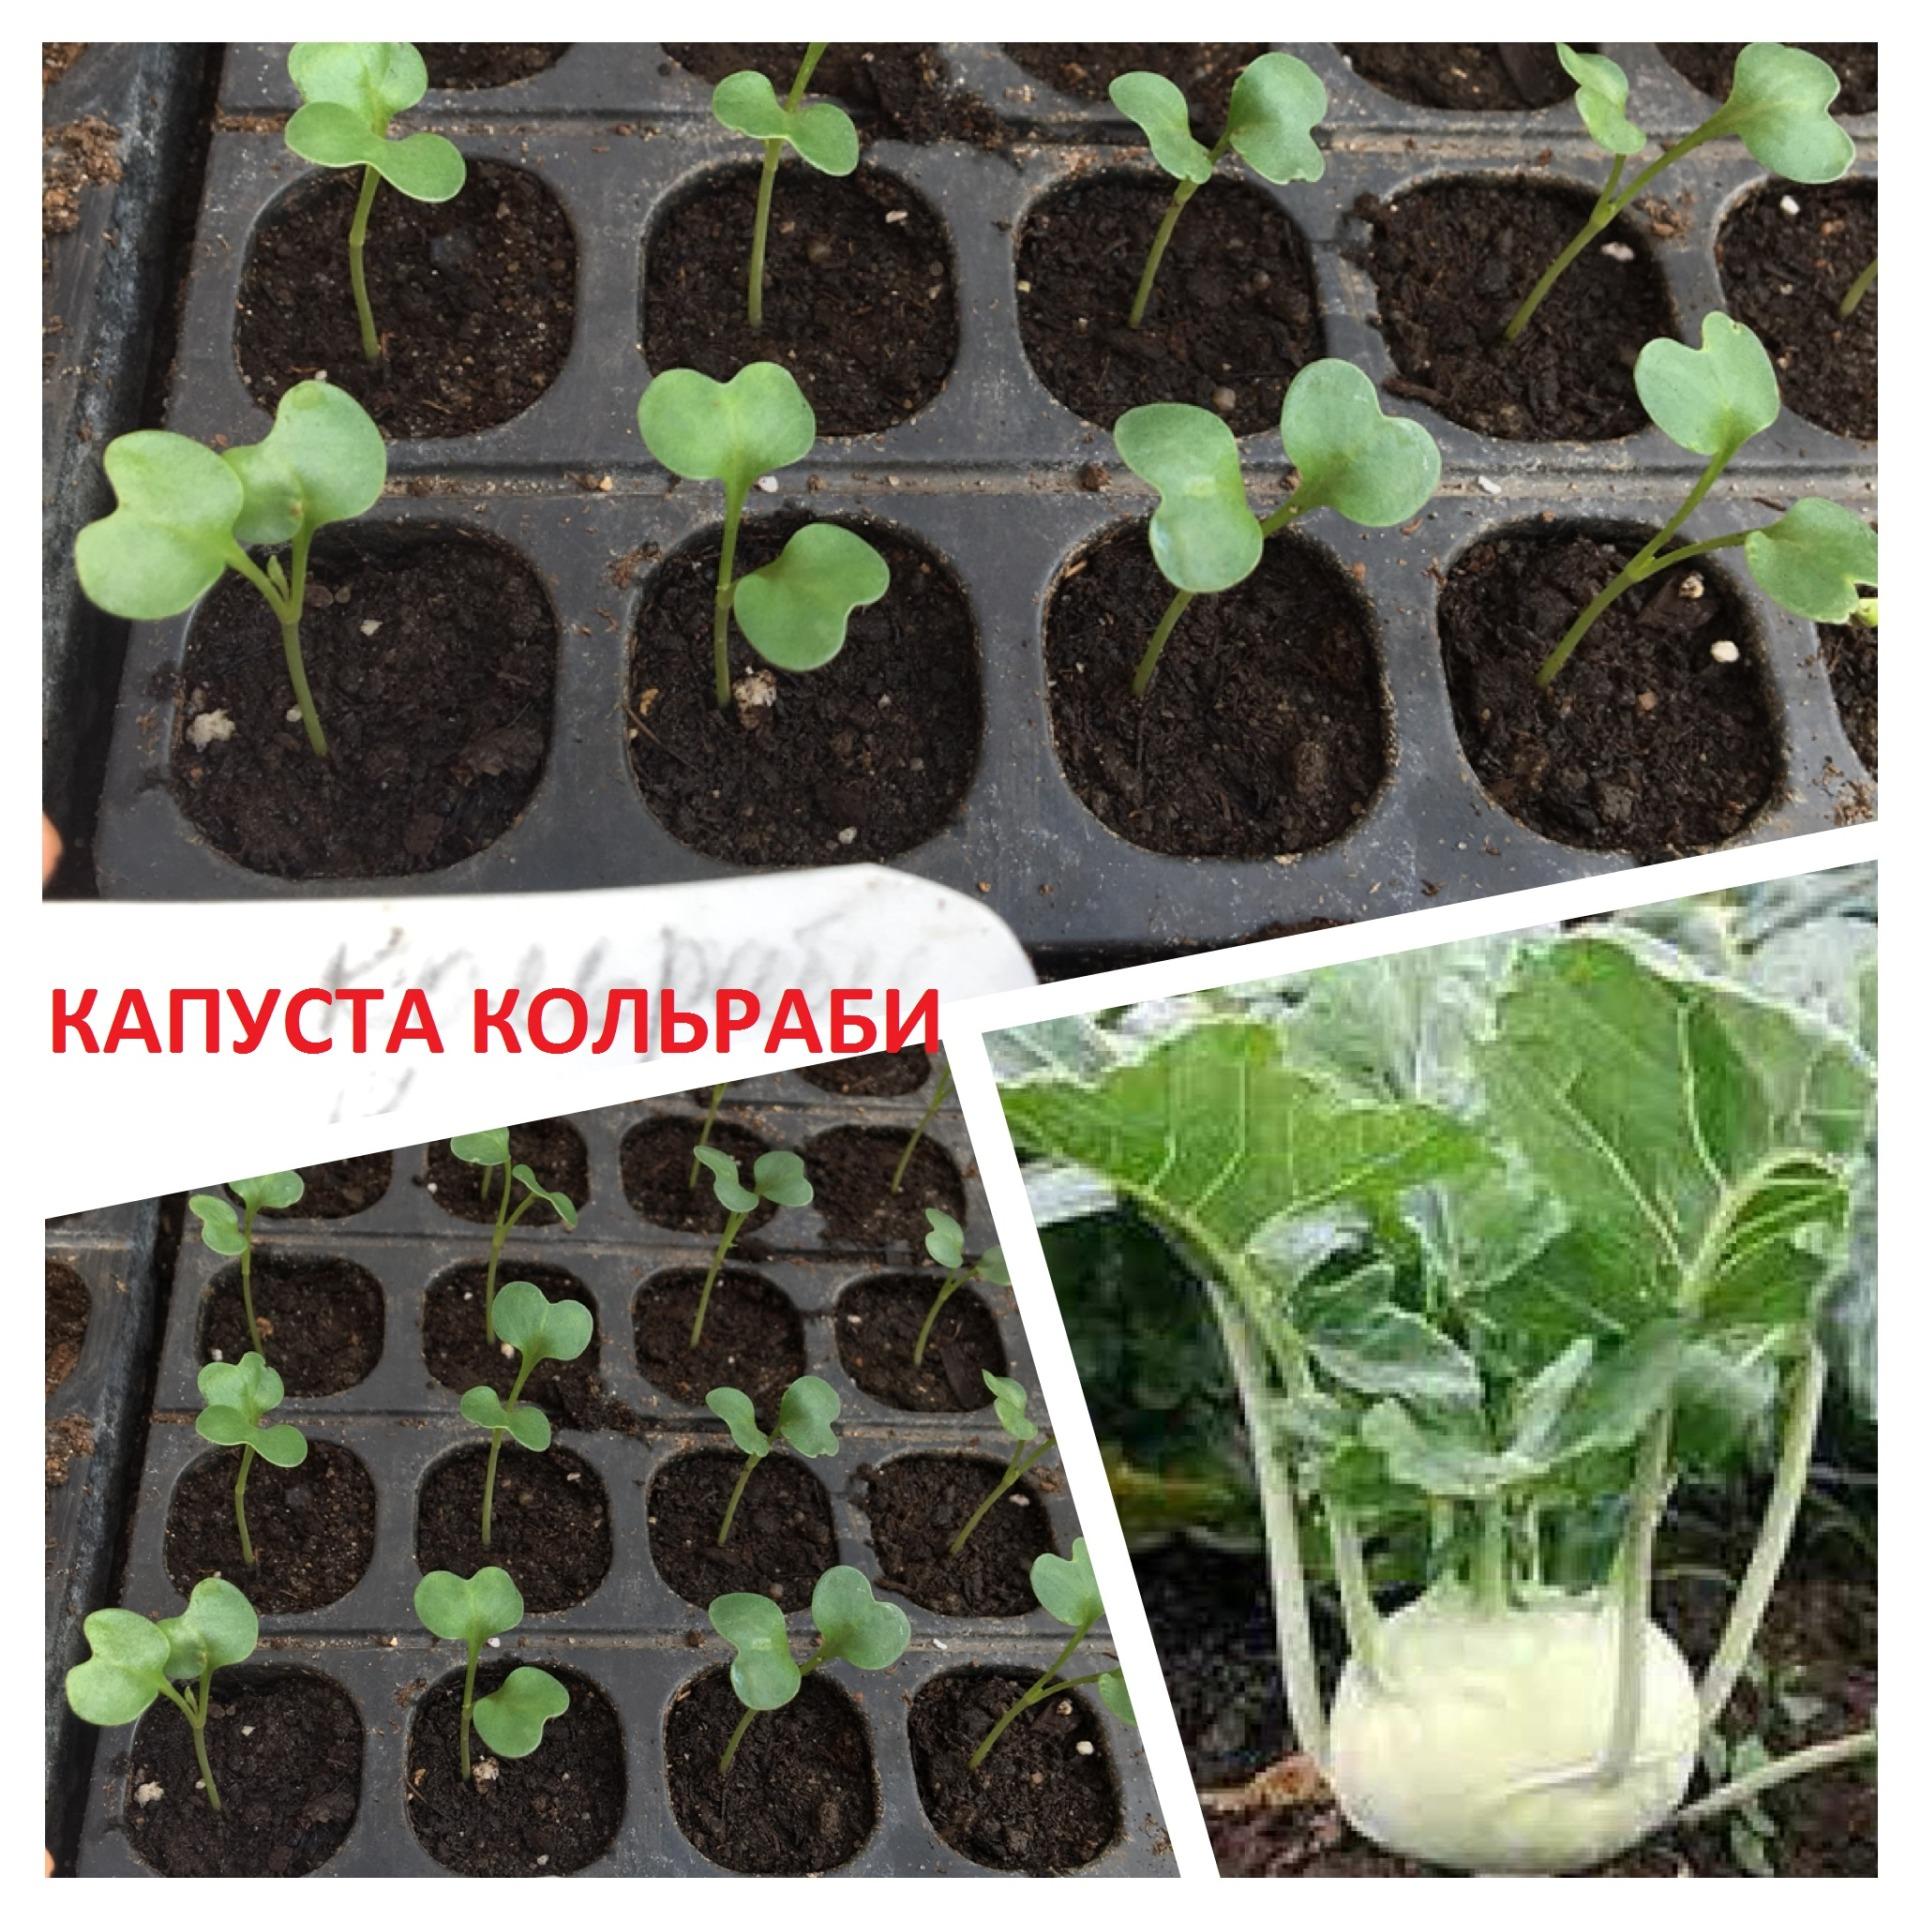 Капуста кольраби выращивание рассады, уход в период 2